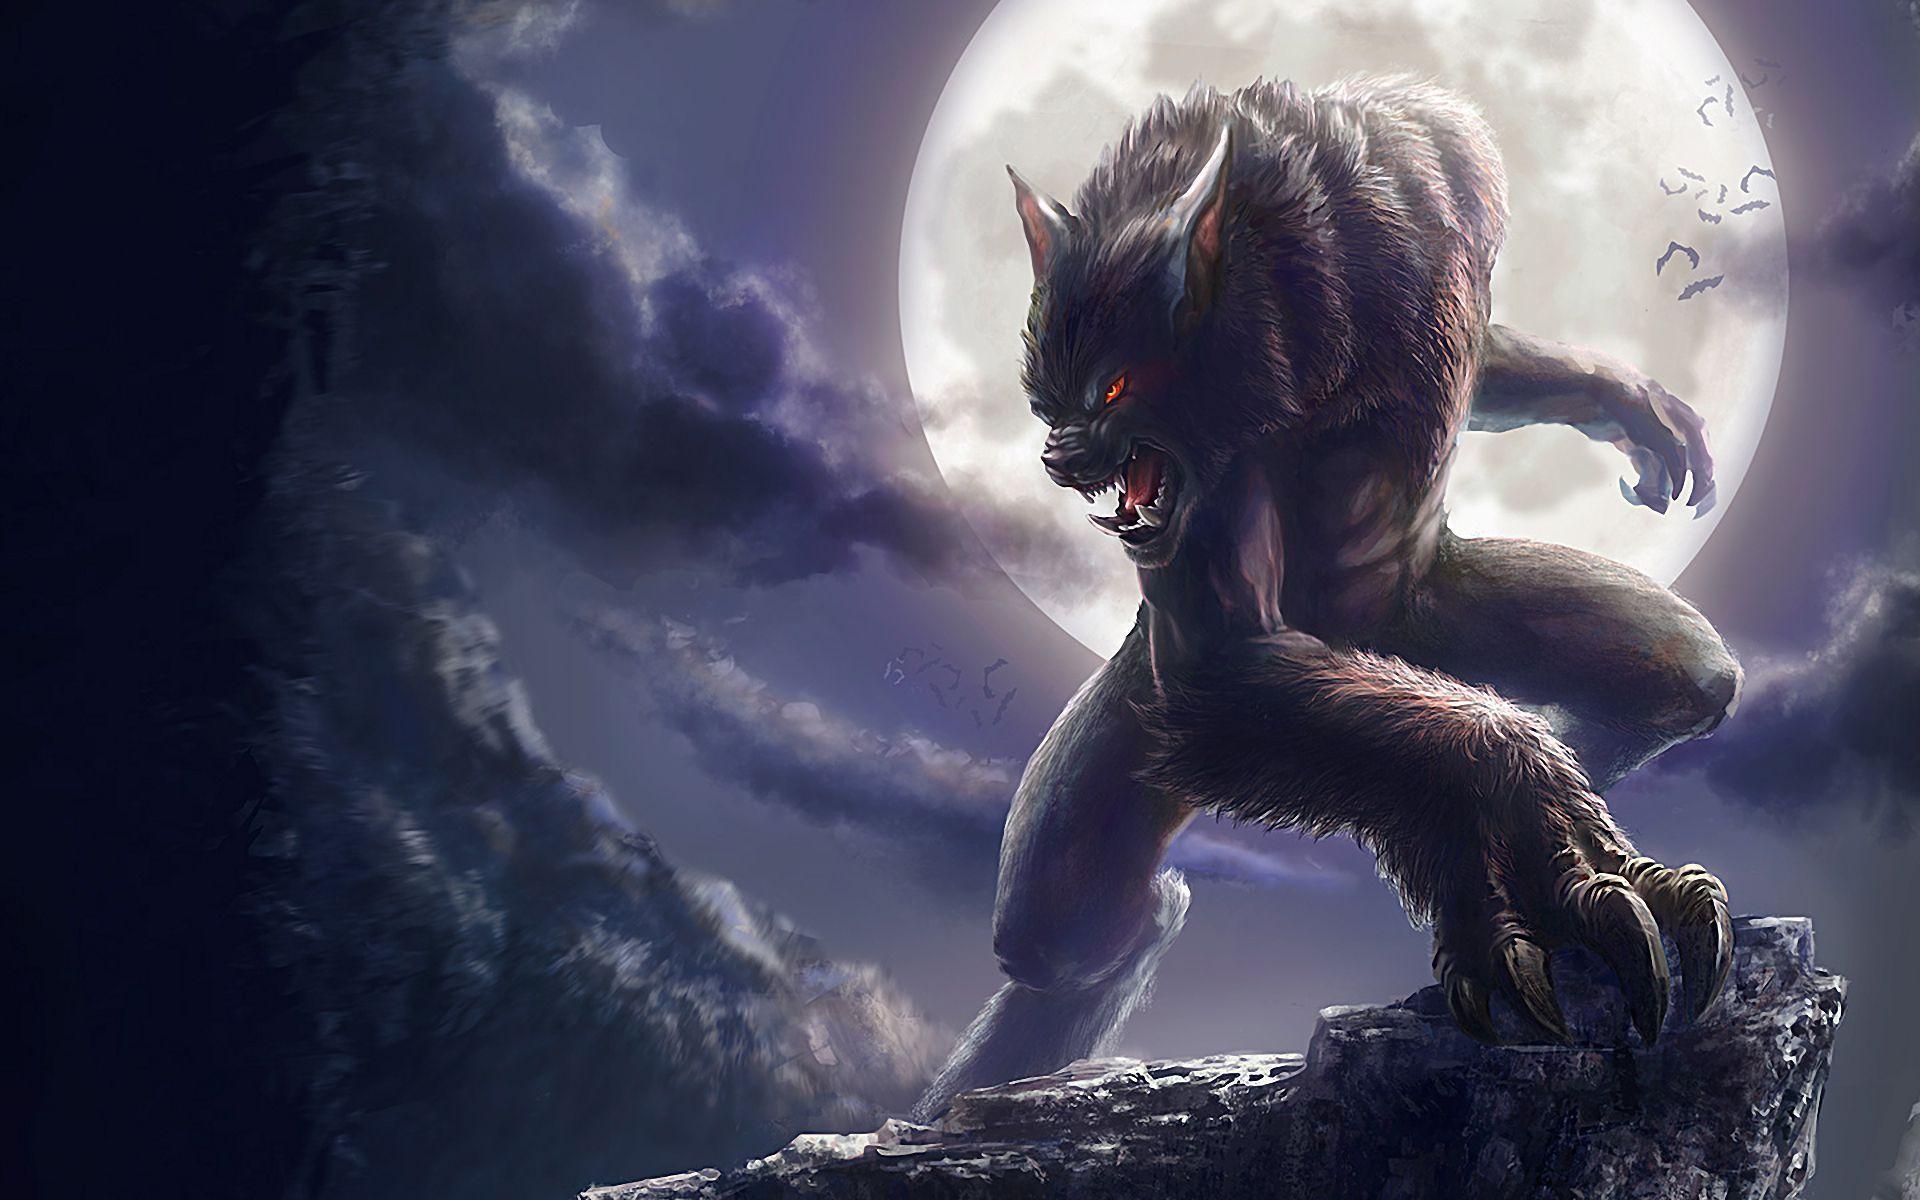 Des loups garous en dessin et image - Dessin loup garou ...